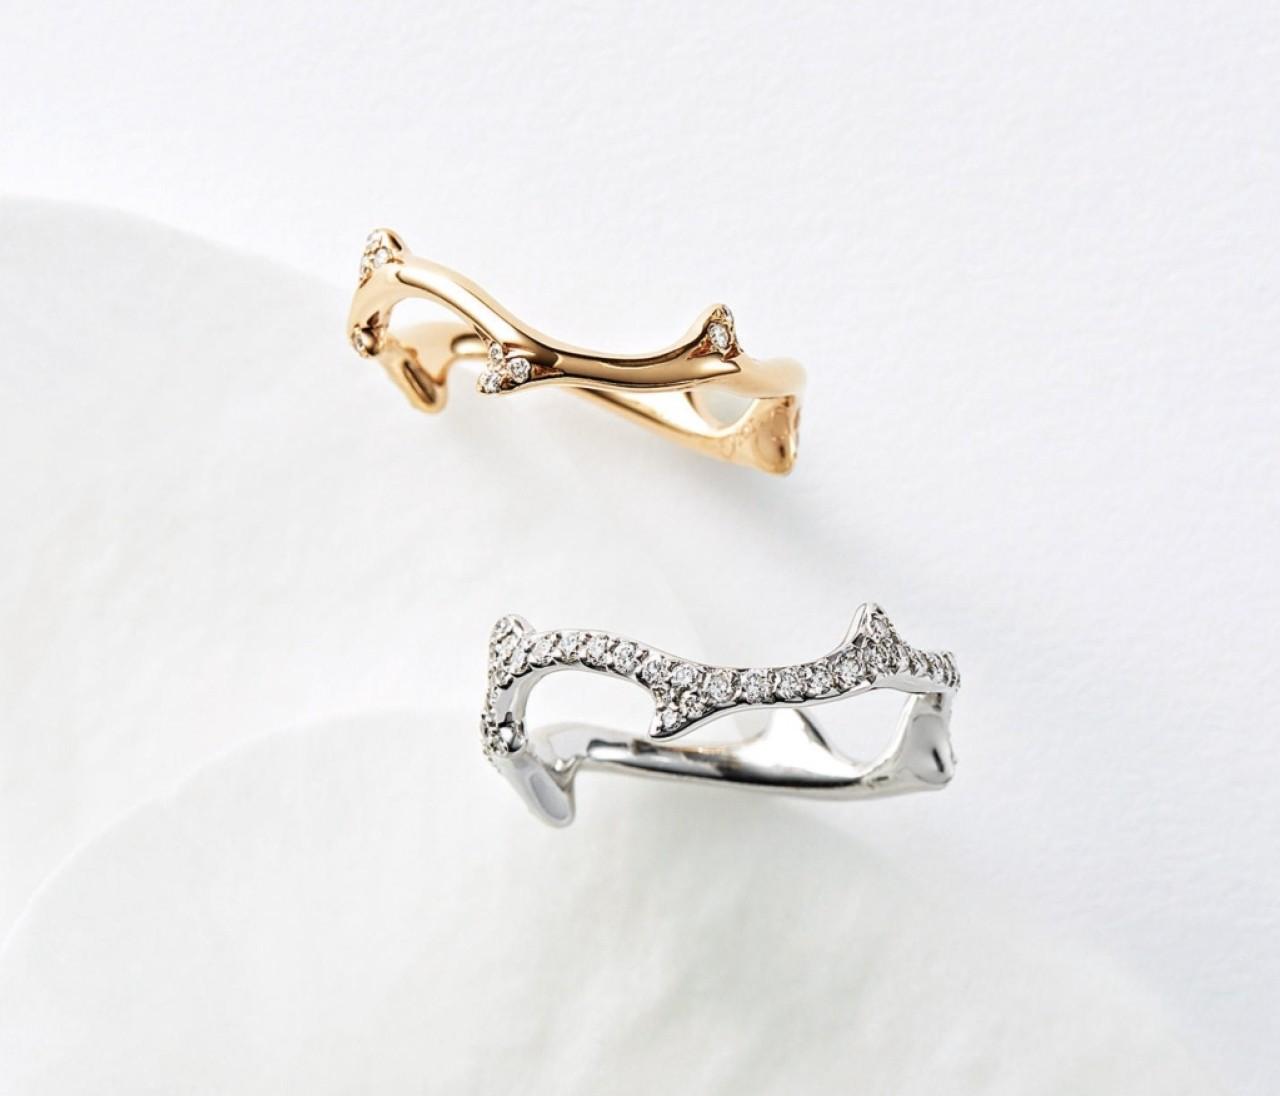 【ディオールの結婚指輪&婚約指輪】センスあふれるデザインで特別な花嫁に